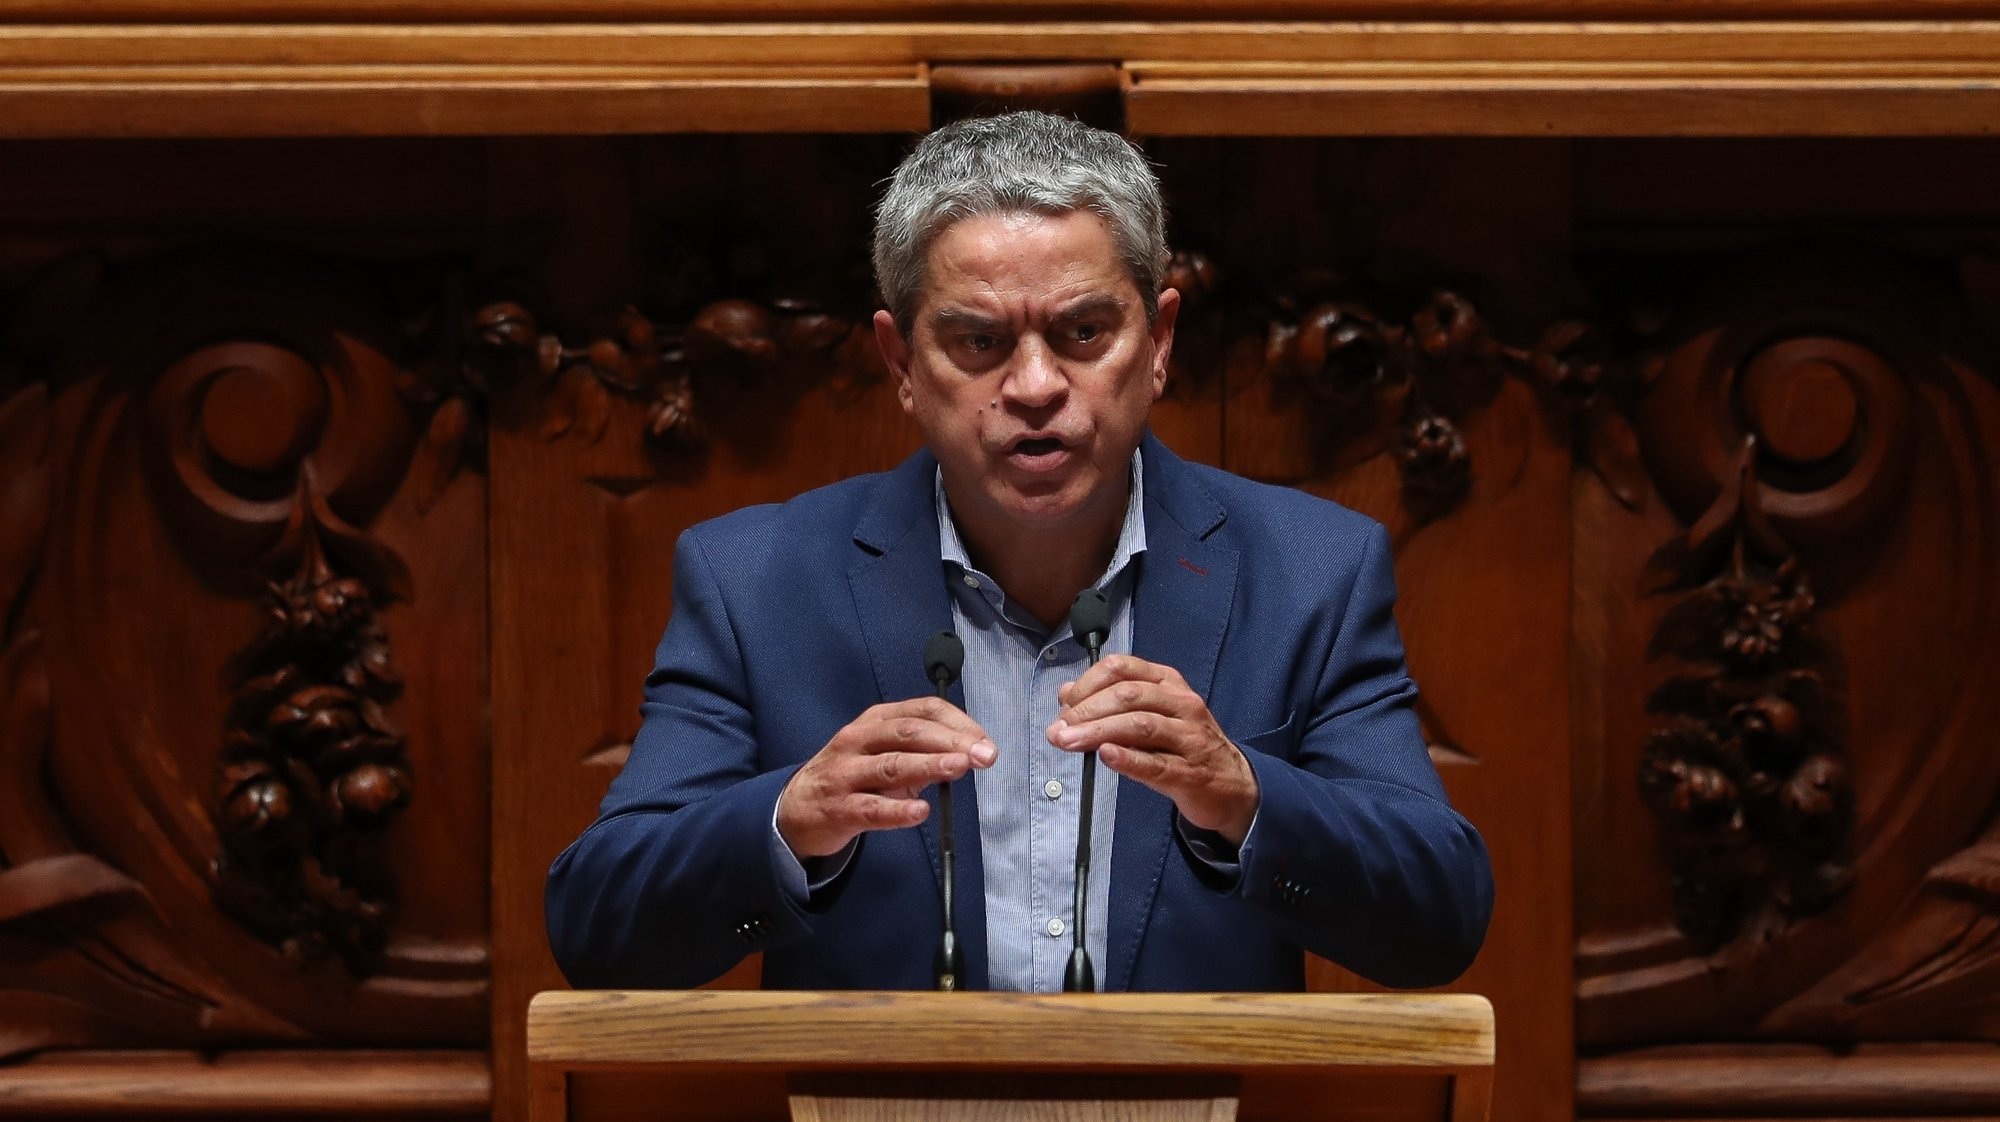 O deputado do partido Os Verdes, José Luis Ferreira, intervém sobre Lei Orgânica das Bases da Organização das Forças Armadas durante o debate parlamentar na Assembleia da República, em Lisboa, 18 de maio de 2021. MÁRIO CRUZ/LUSA